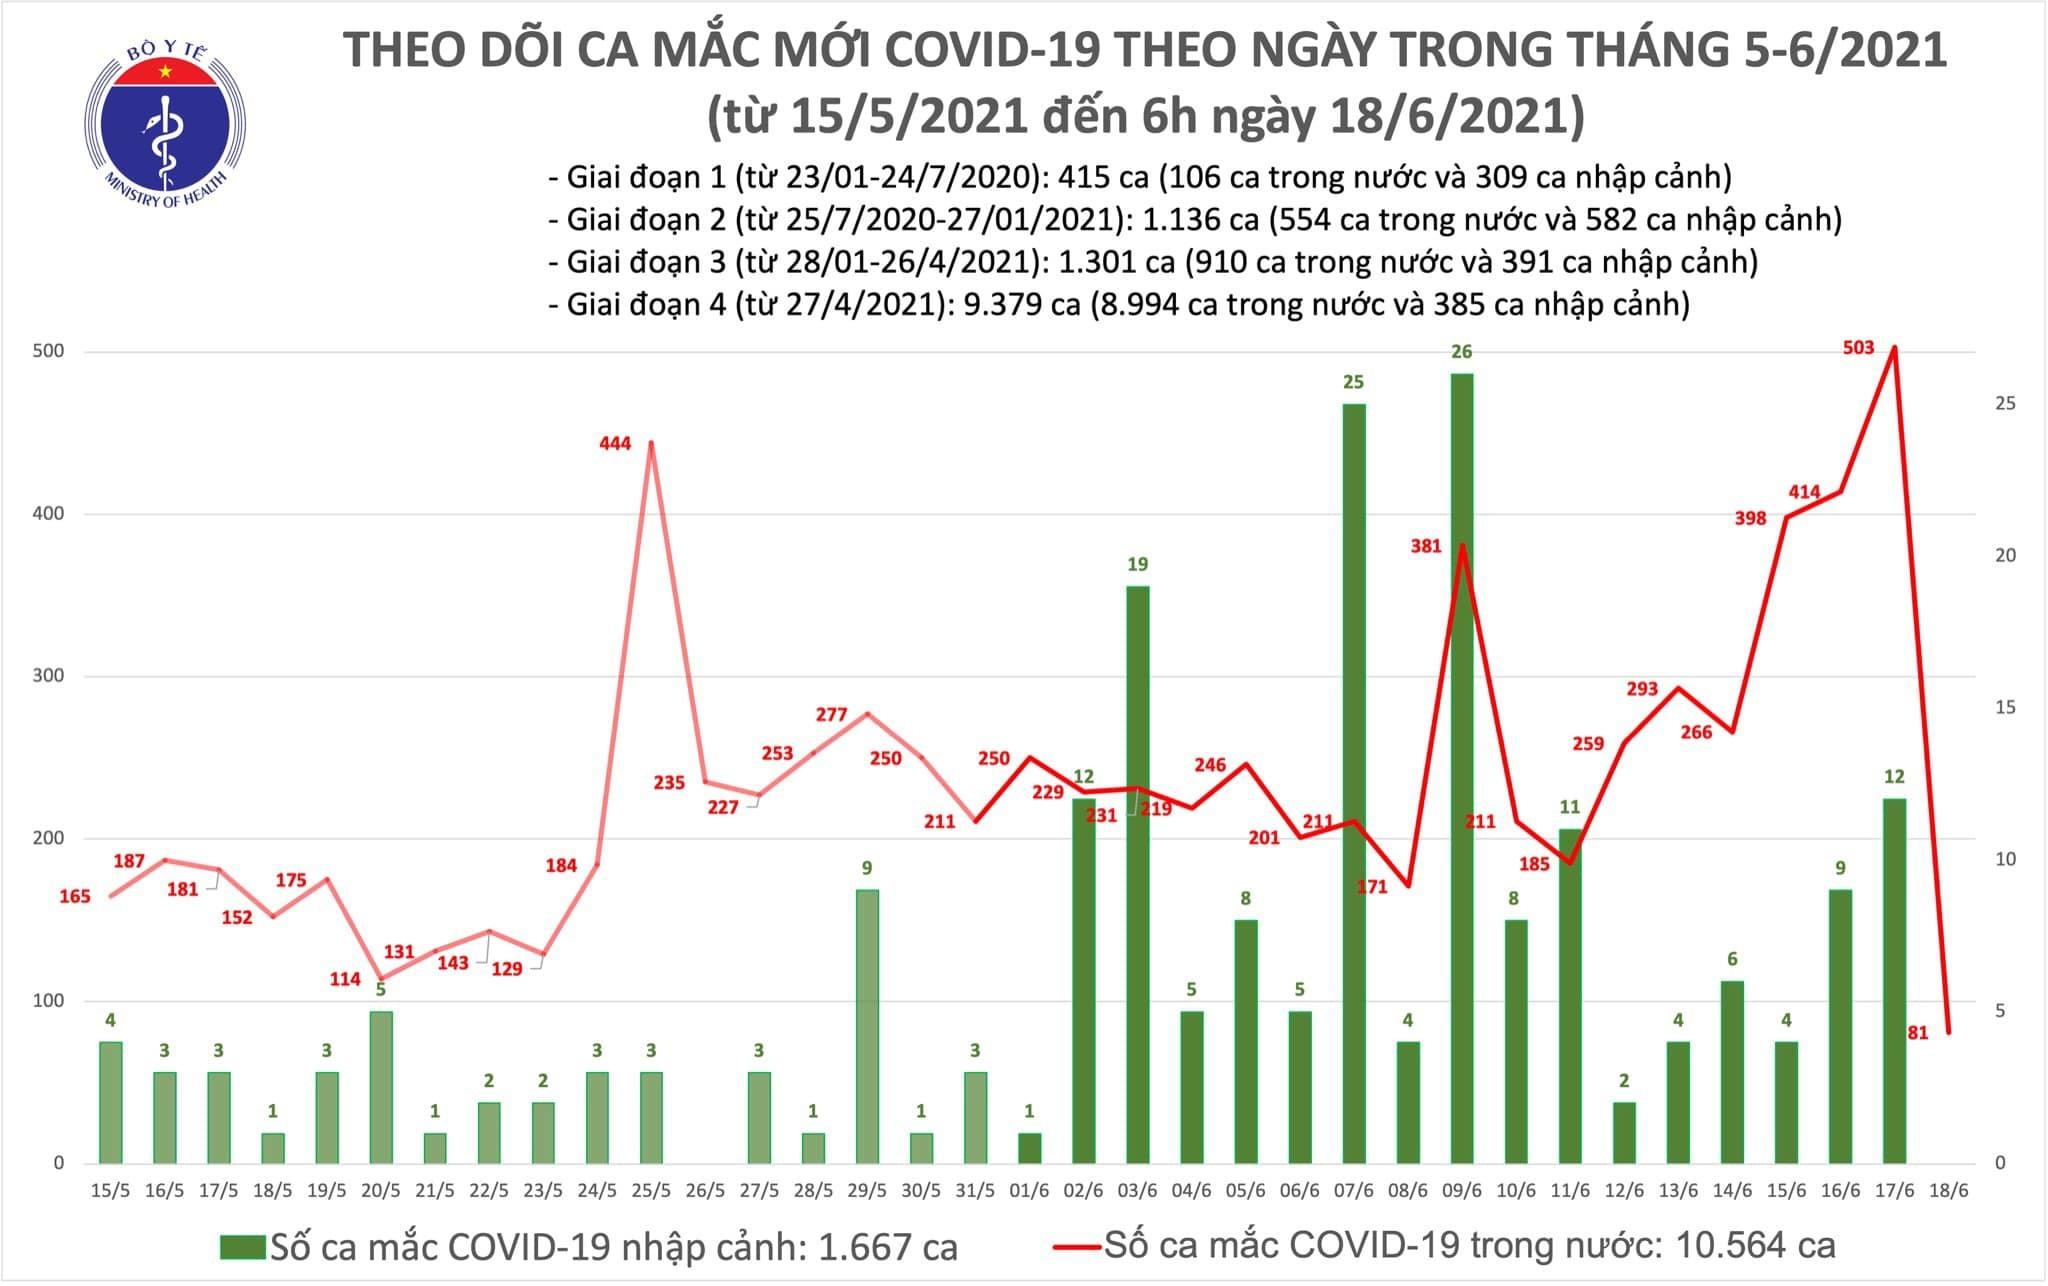 Sáng 18/6, thêm 81 ca Covid-19 trong nước tại TP.HCM và Bắc Giang